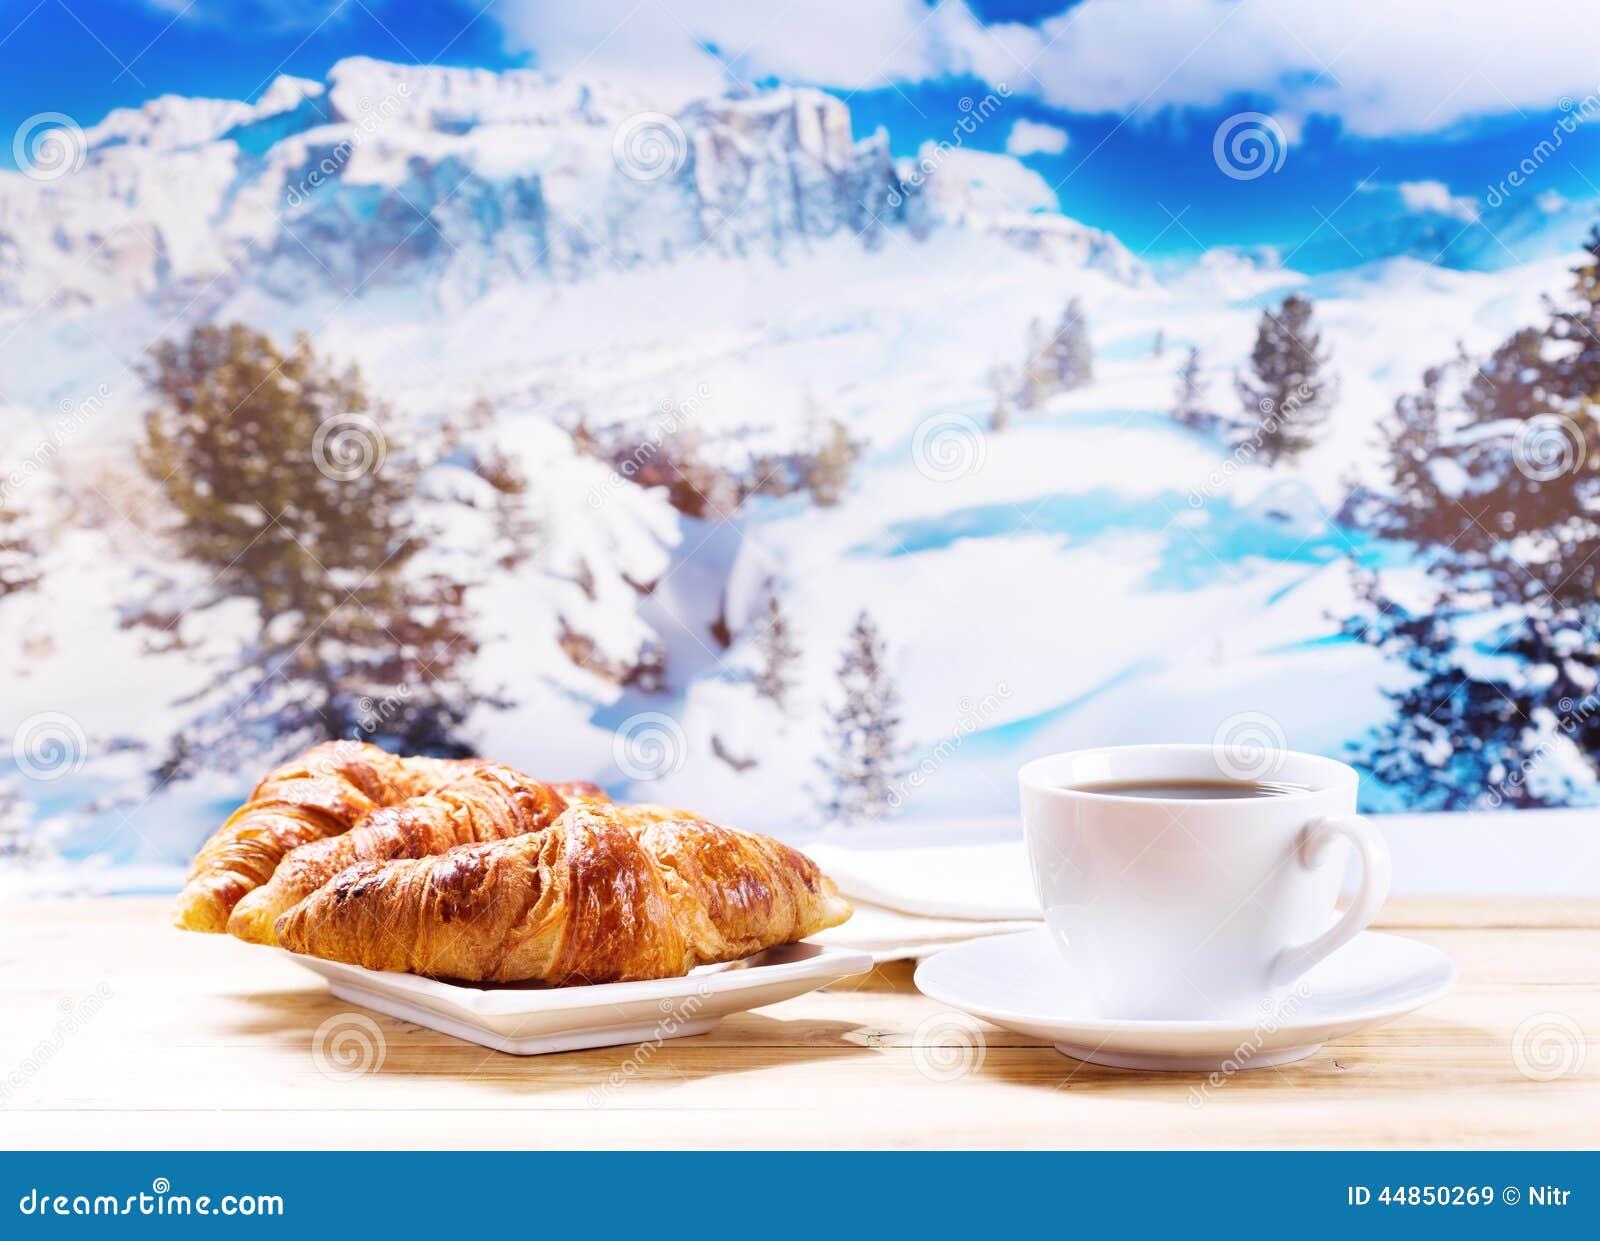 https://thumbs.dreamstime.com/z/la-tasse-de-caf%C3%A9-et-les-croissants-au-dessus-de-l-hiver-am%C3%A9nagent-en-parc-44850269.jpg